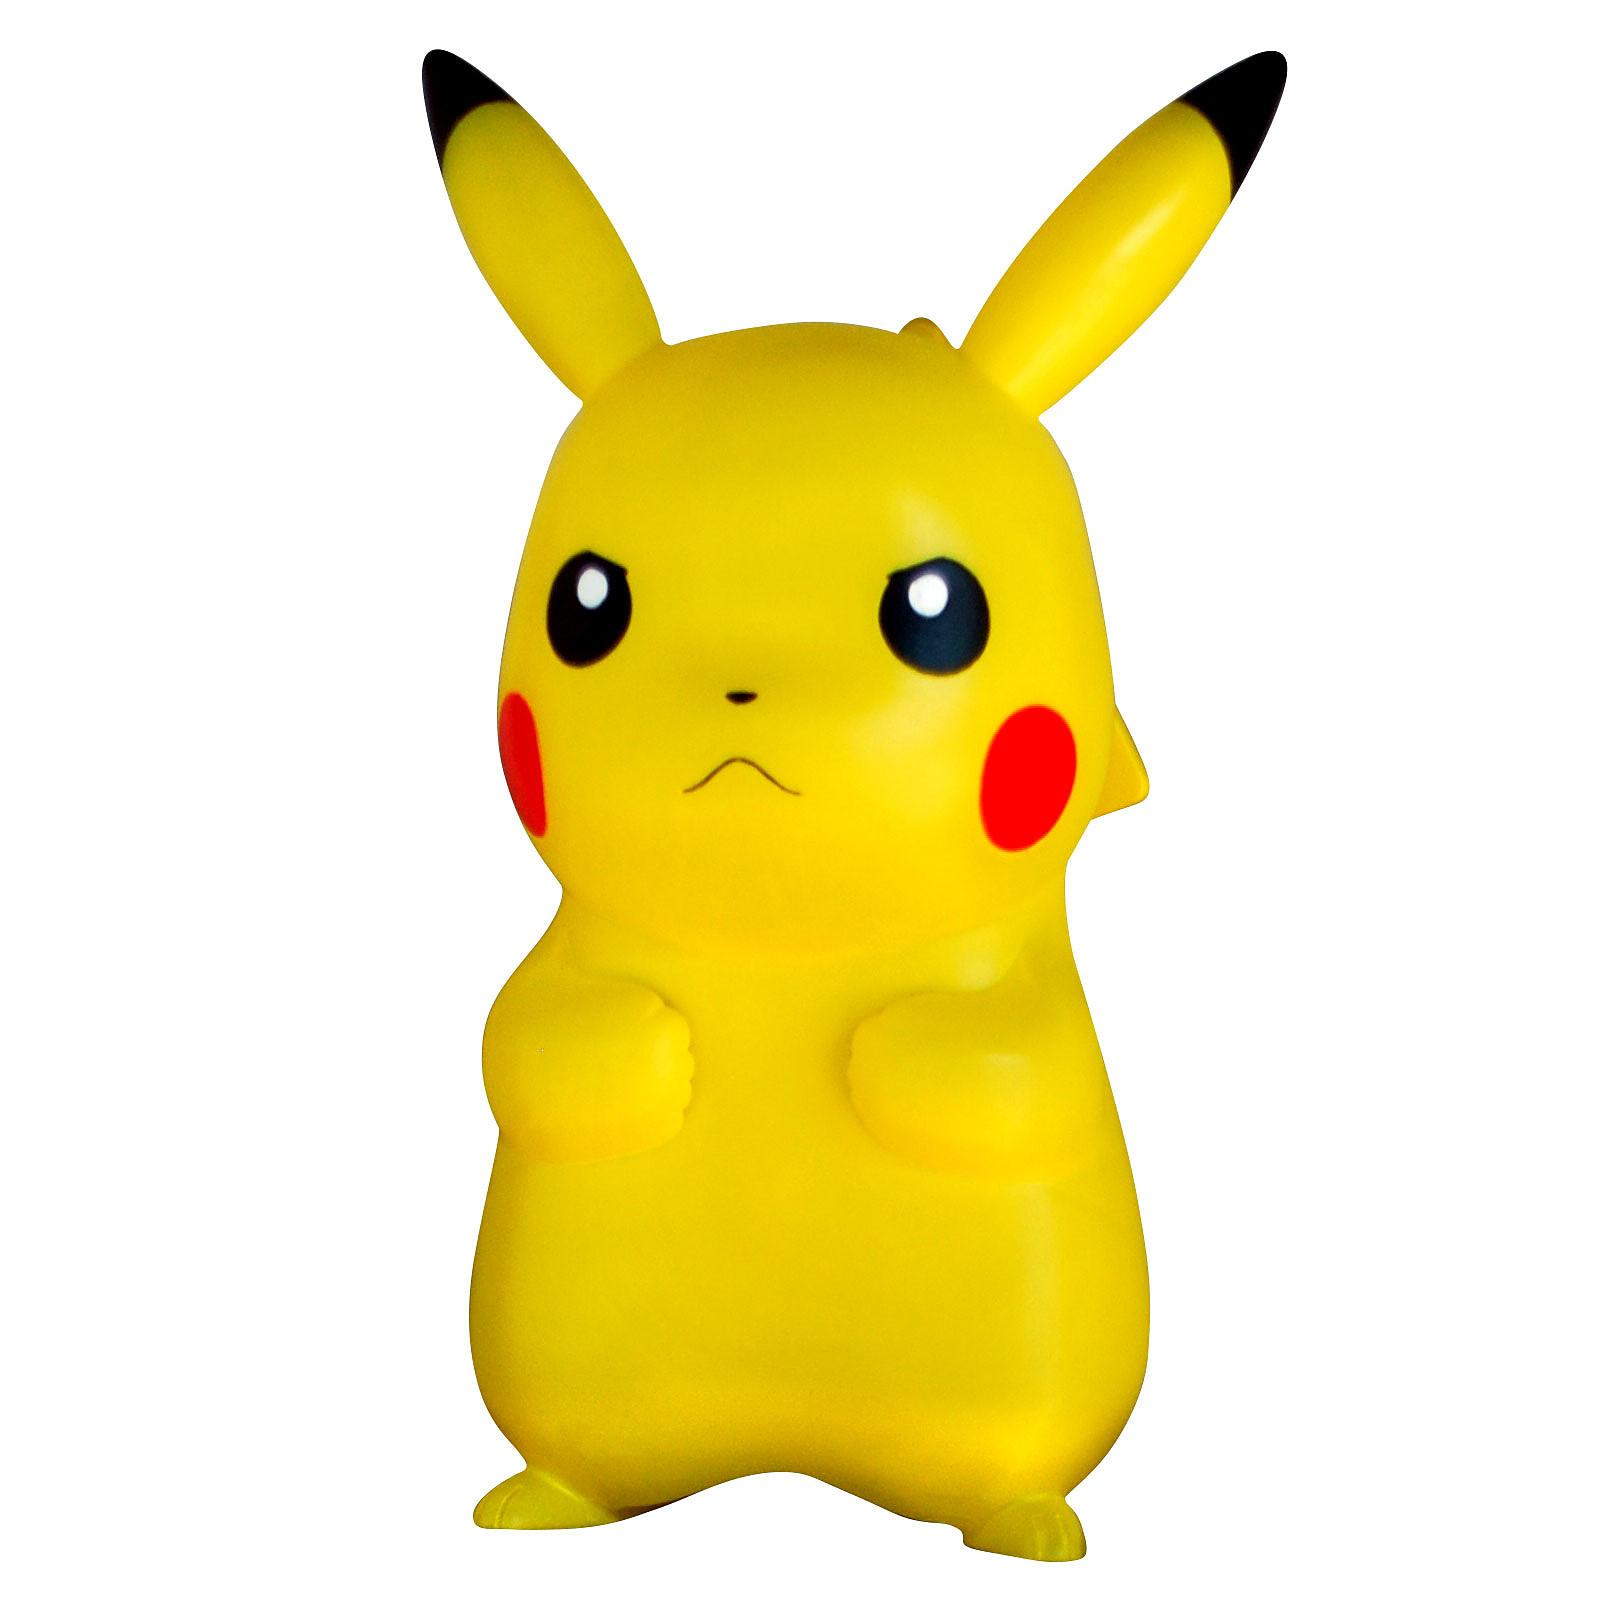 25 Pikachu Cm Générique Goodies Sur Led Pokémon Lampe v0N8nwm